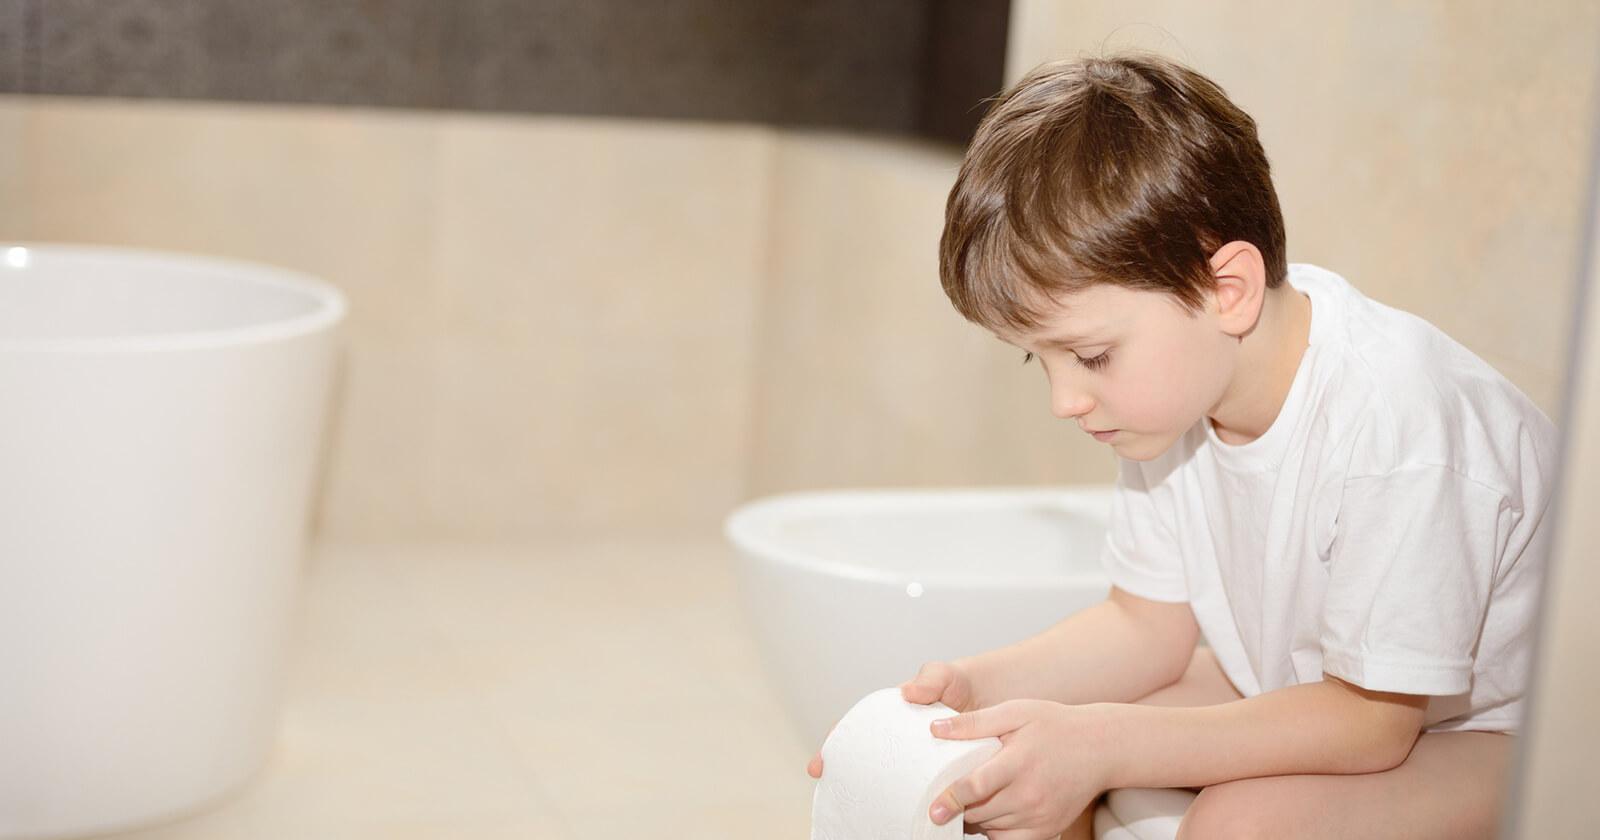 Hämorrhoiden bei Kindern - gibt es das?   kanyo®